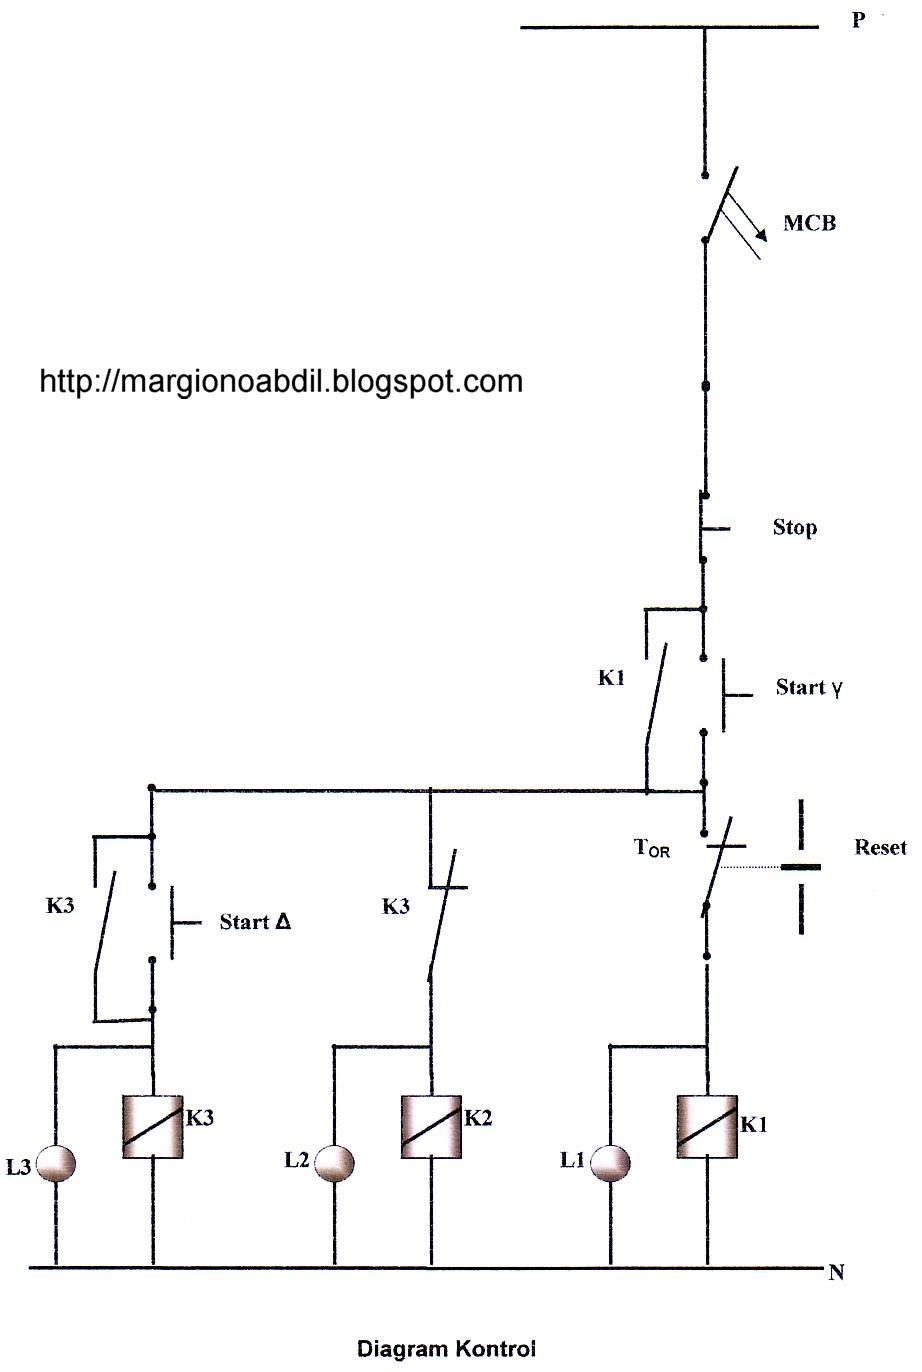 Bagirgiono abdil ber gambar 2 rangkaian kontrol pengasutan bintang sigitiga manual menggunakan kontaktor magnet ccuart Gallery